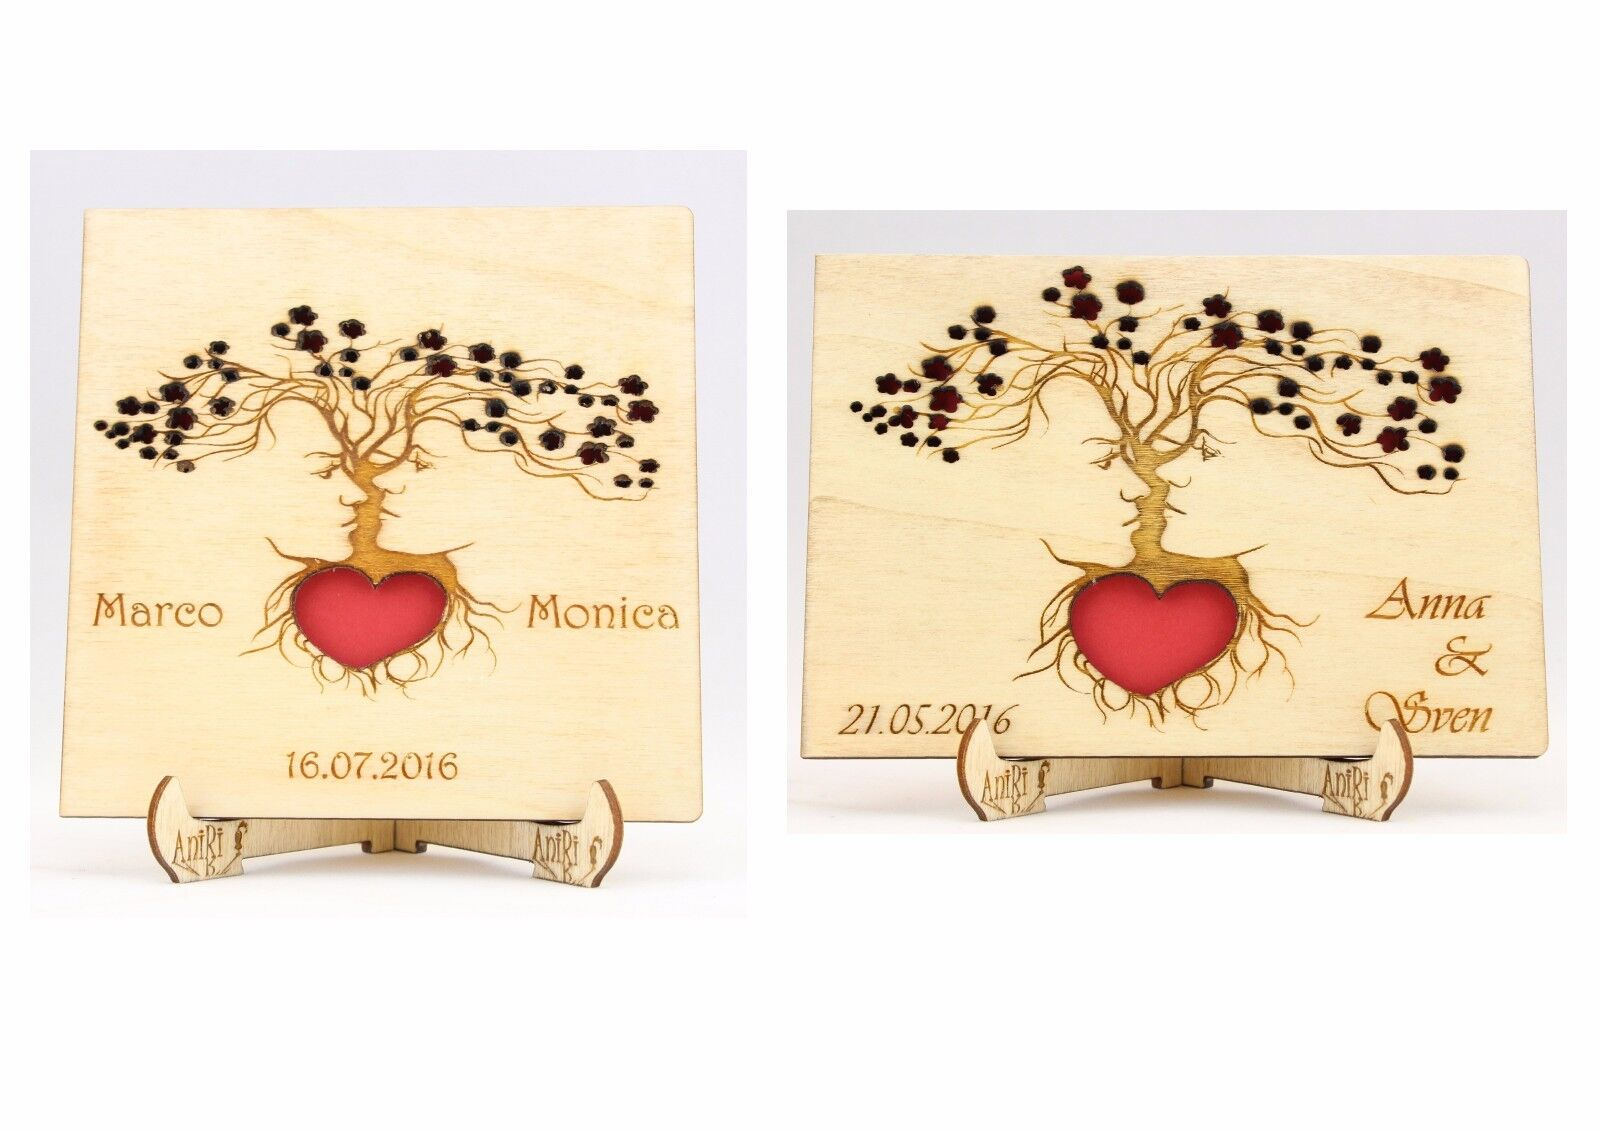 Personalisiert Gästebuch, Hochzeit, Holzgästebuch, Wedding, Liebe, Holz, Gäste